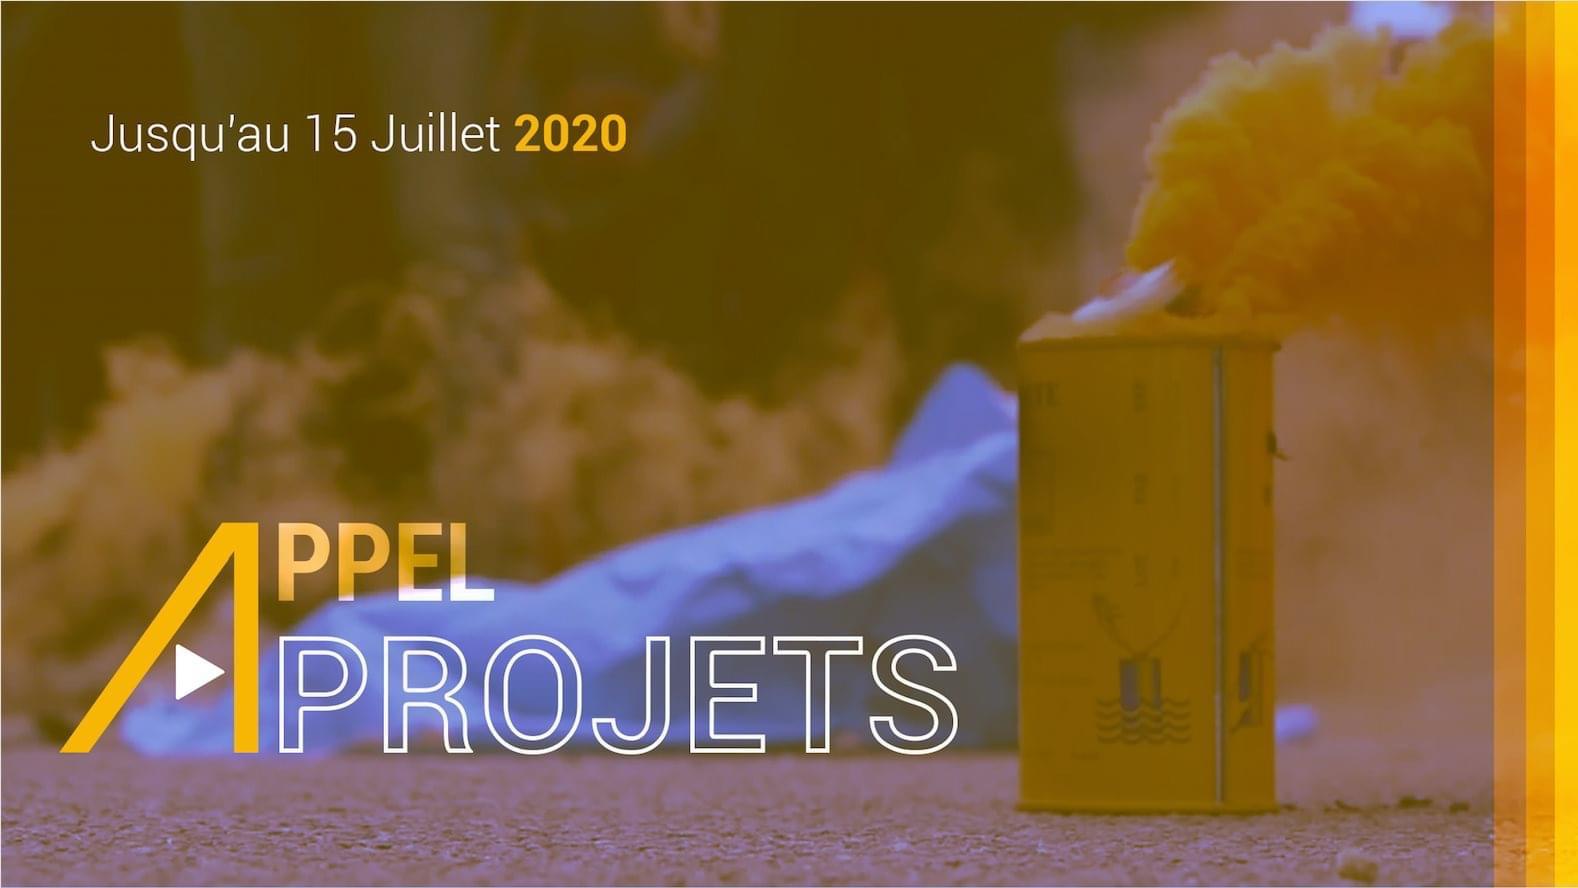 Appel à projets proposé par Allindì